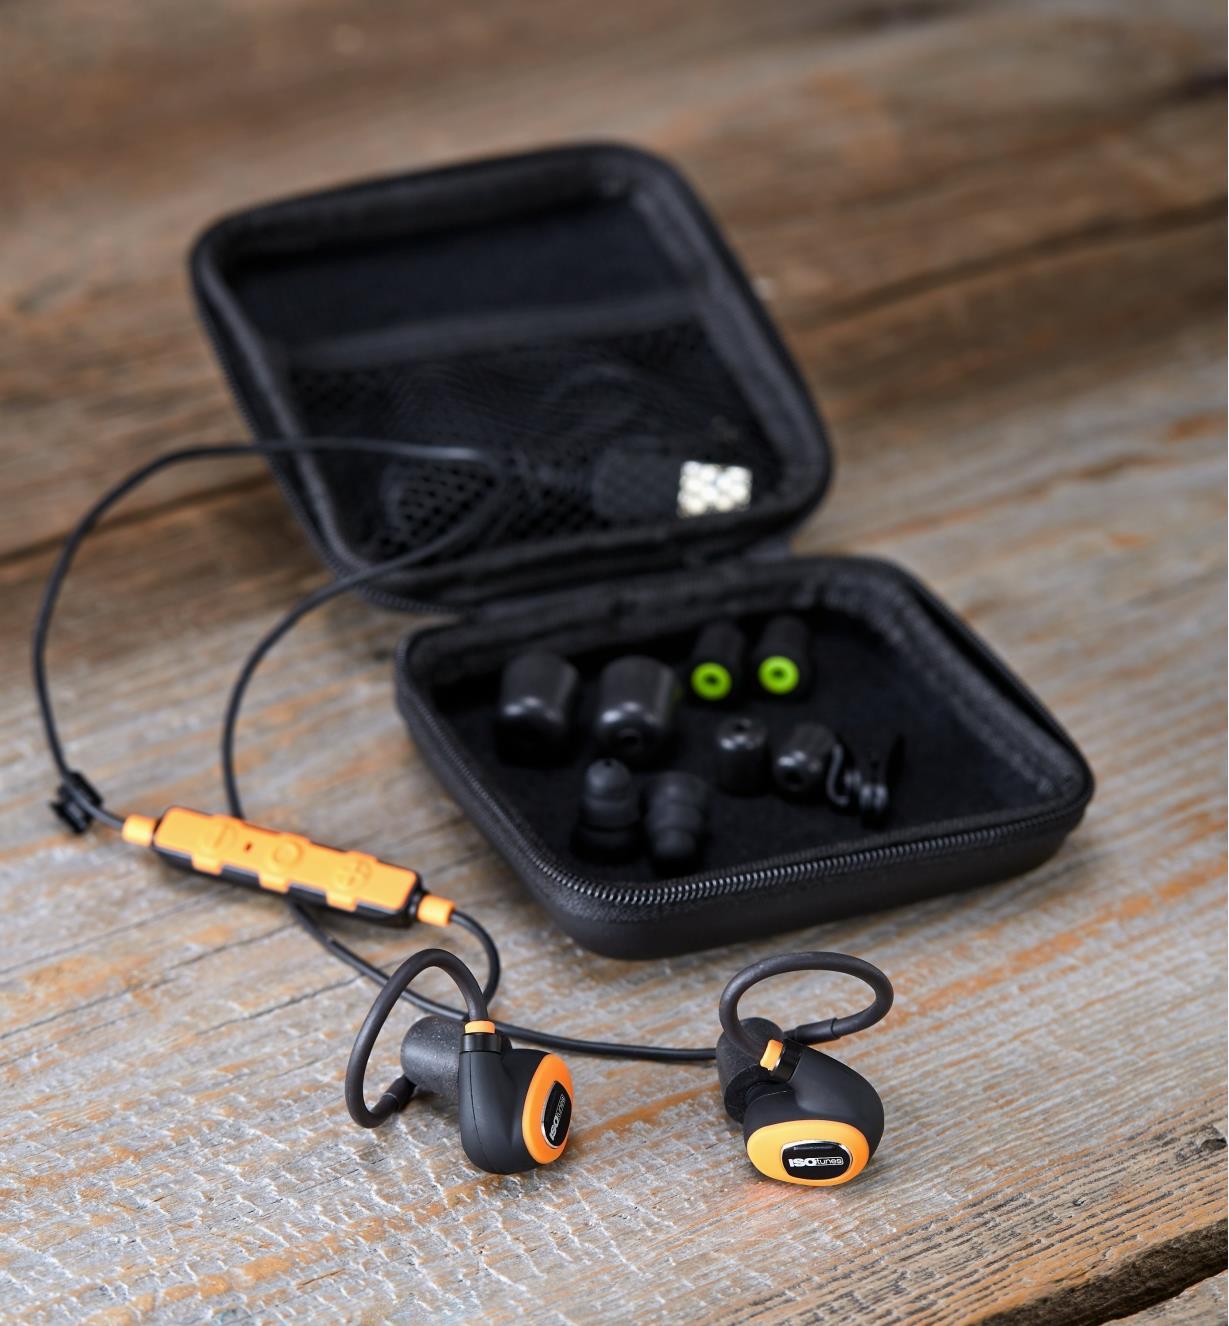 Écouteurs antibruit électroniques avec fil ISOtunes Pro 2.0 sur une table en bois